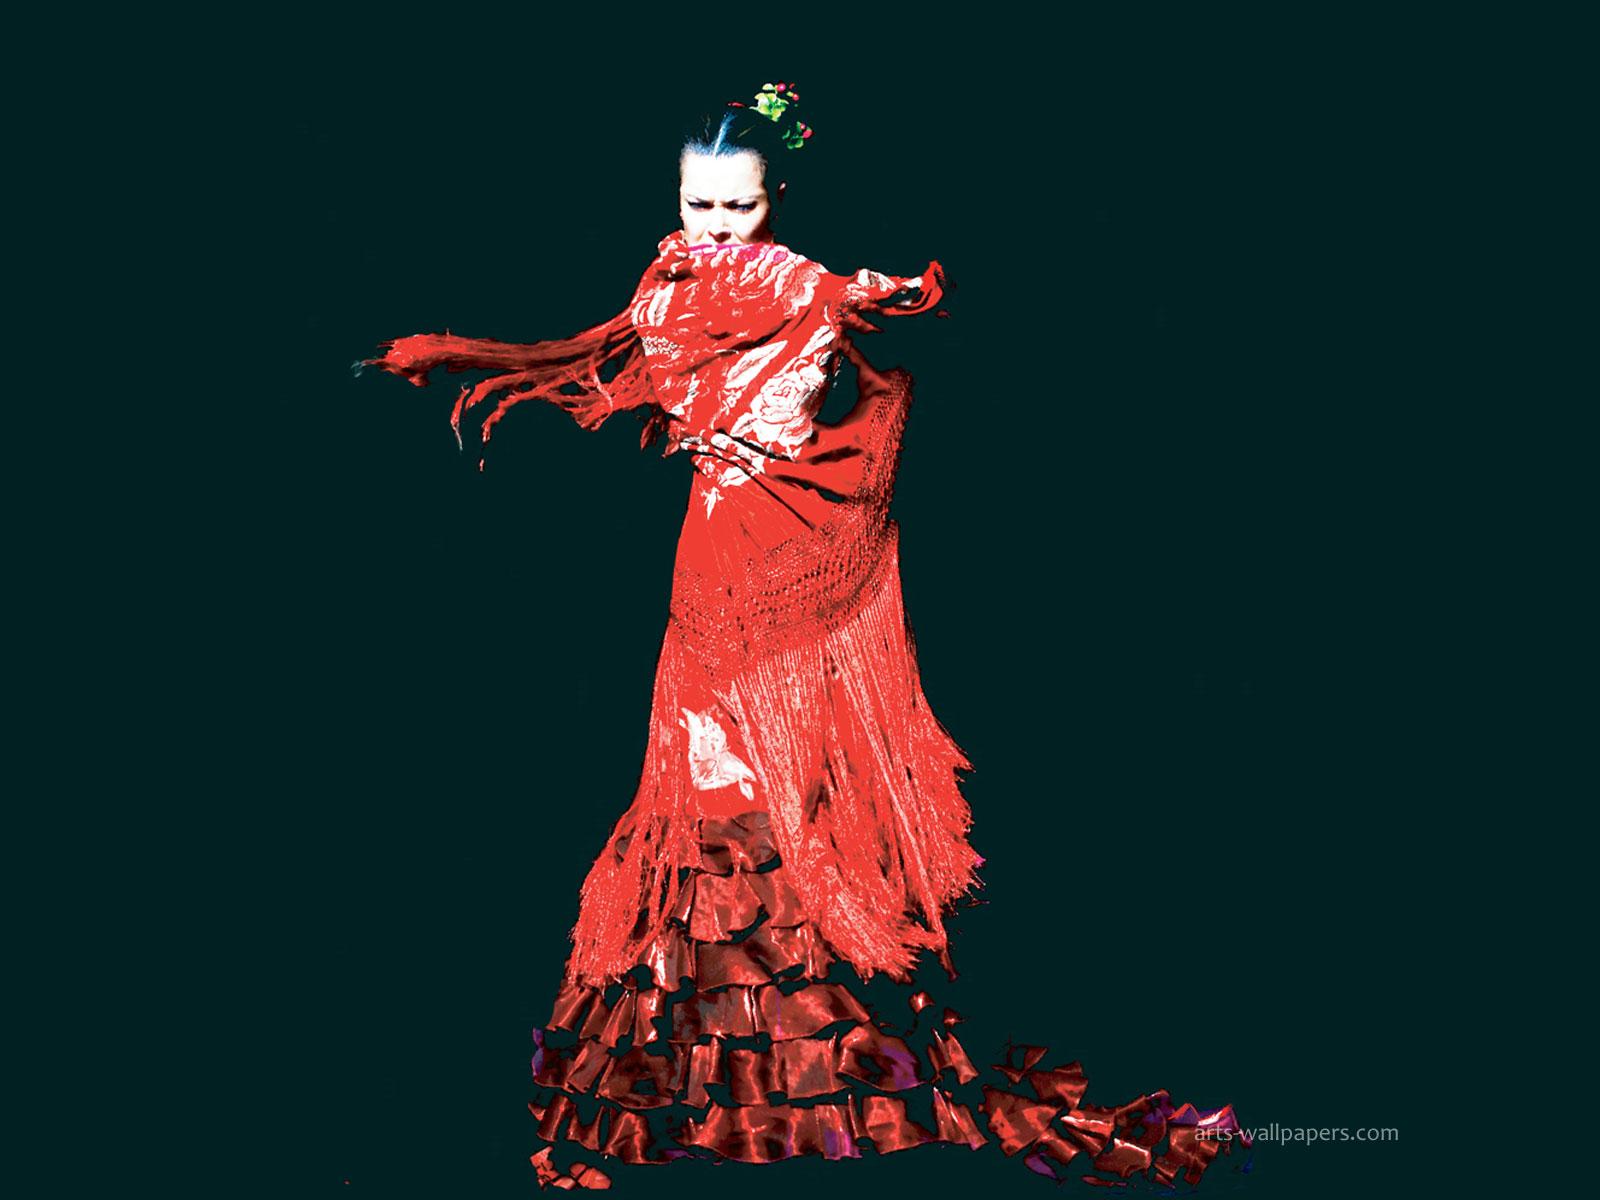 flamenco wallpaper wallpapersafari - photo #10